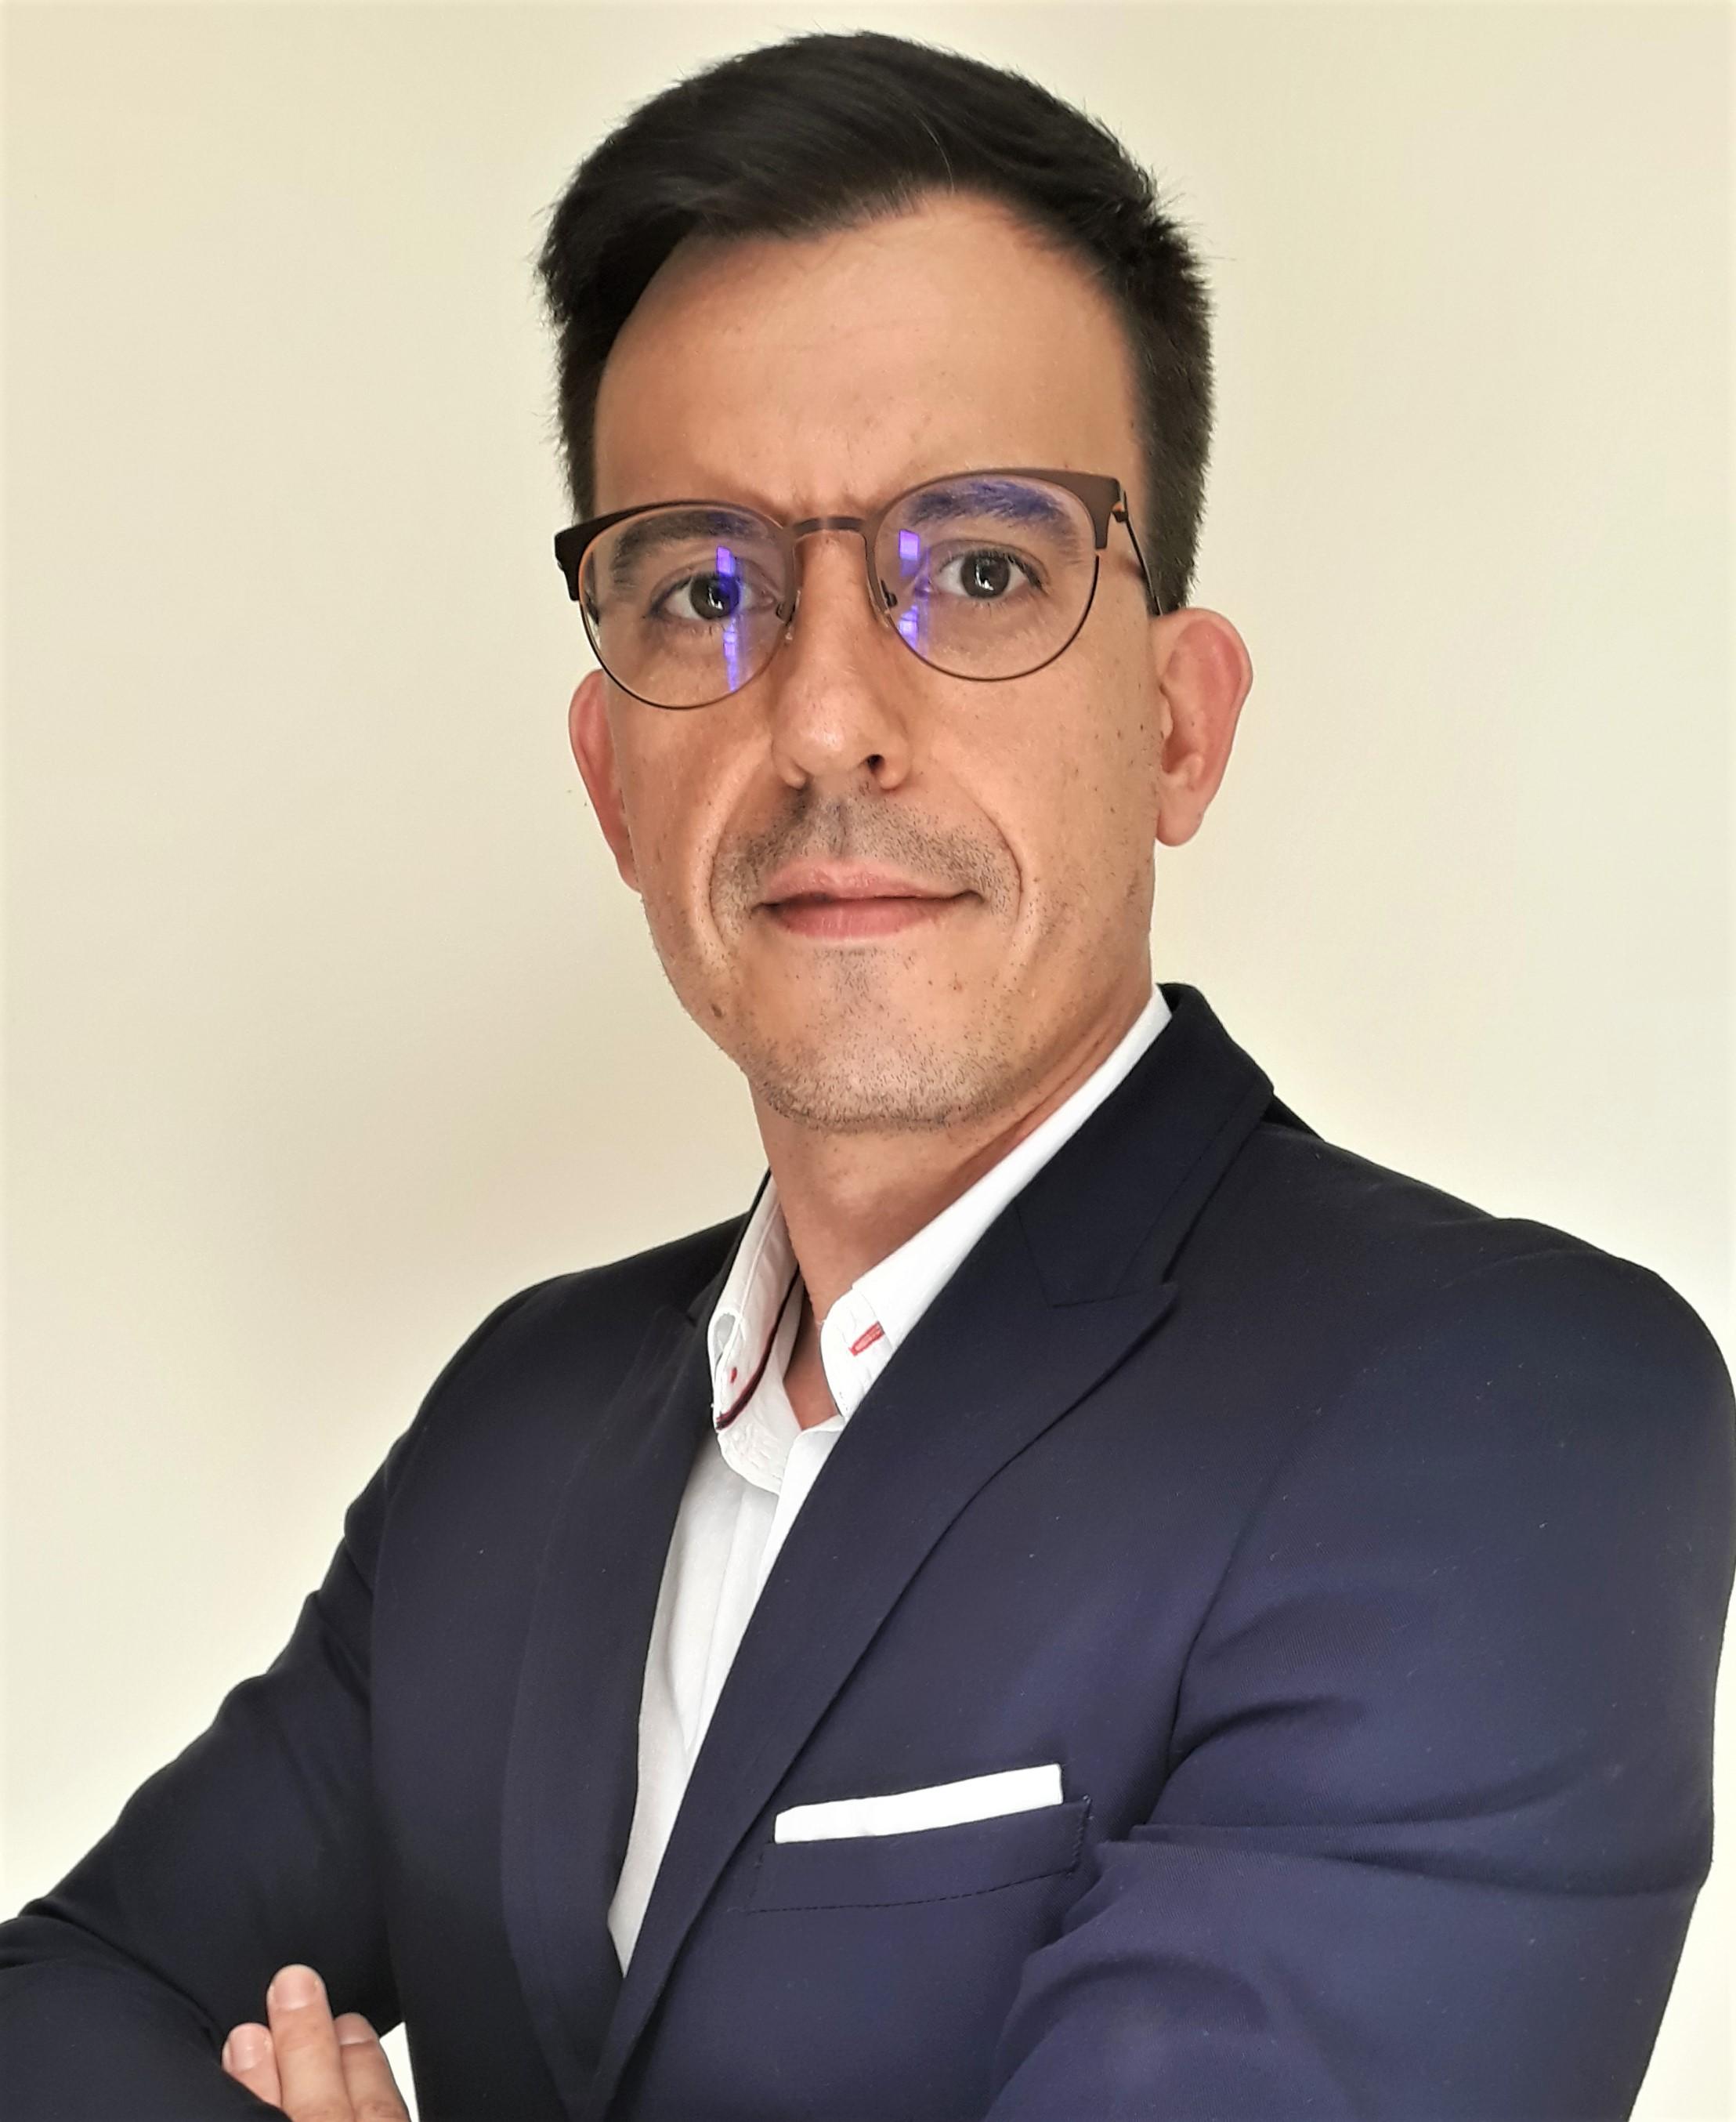 Rui Pedro Figueiredo Marques